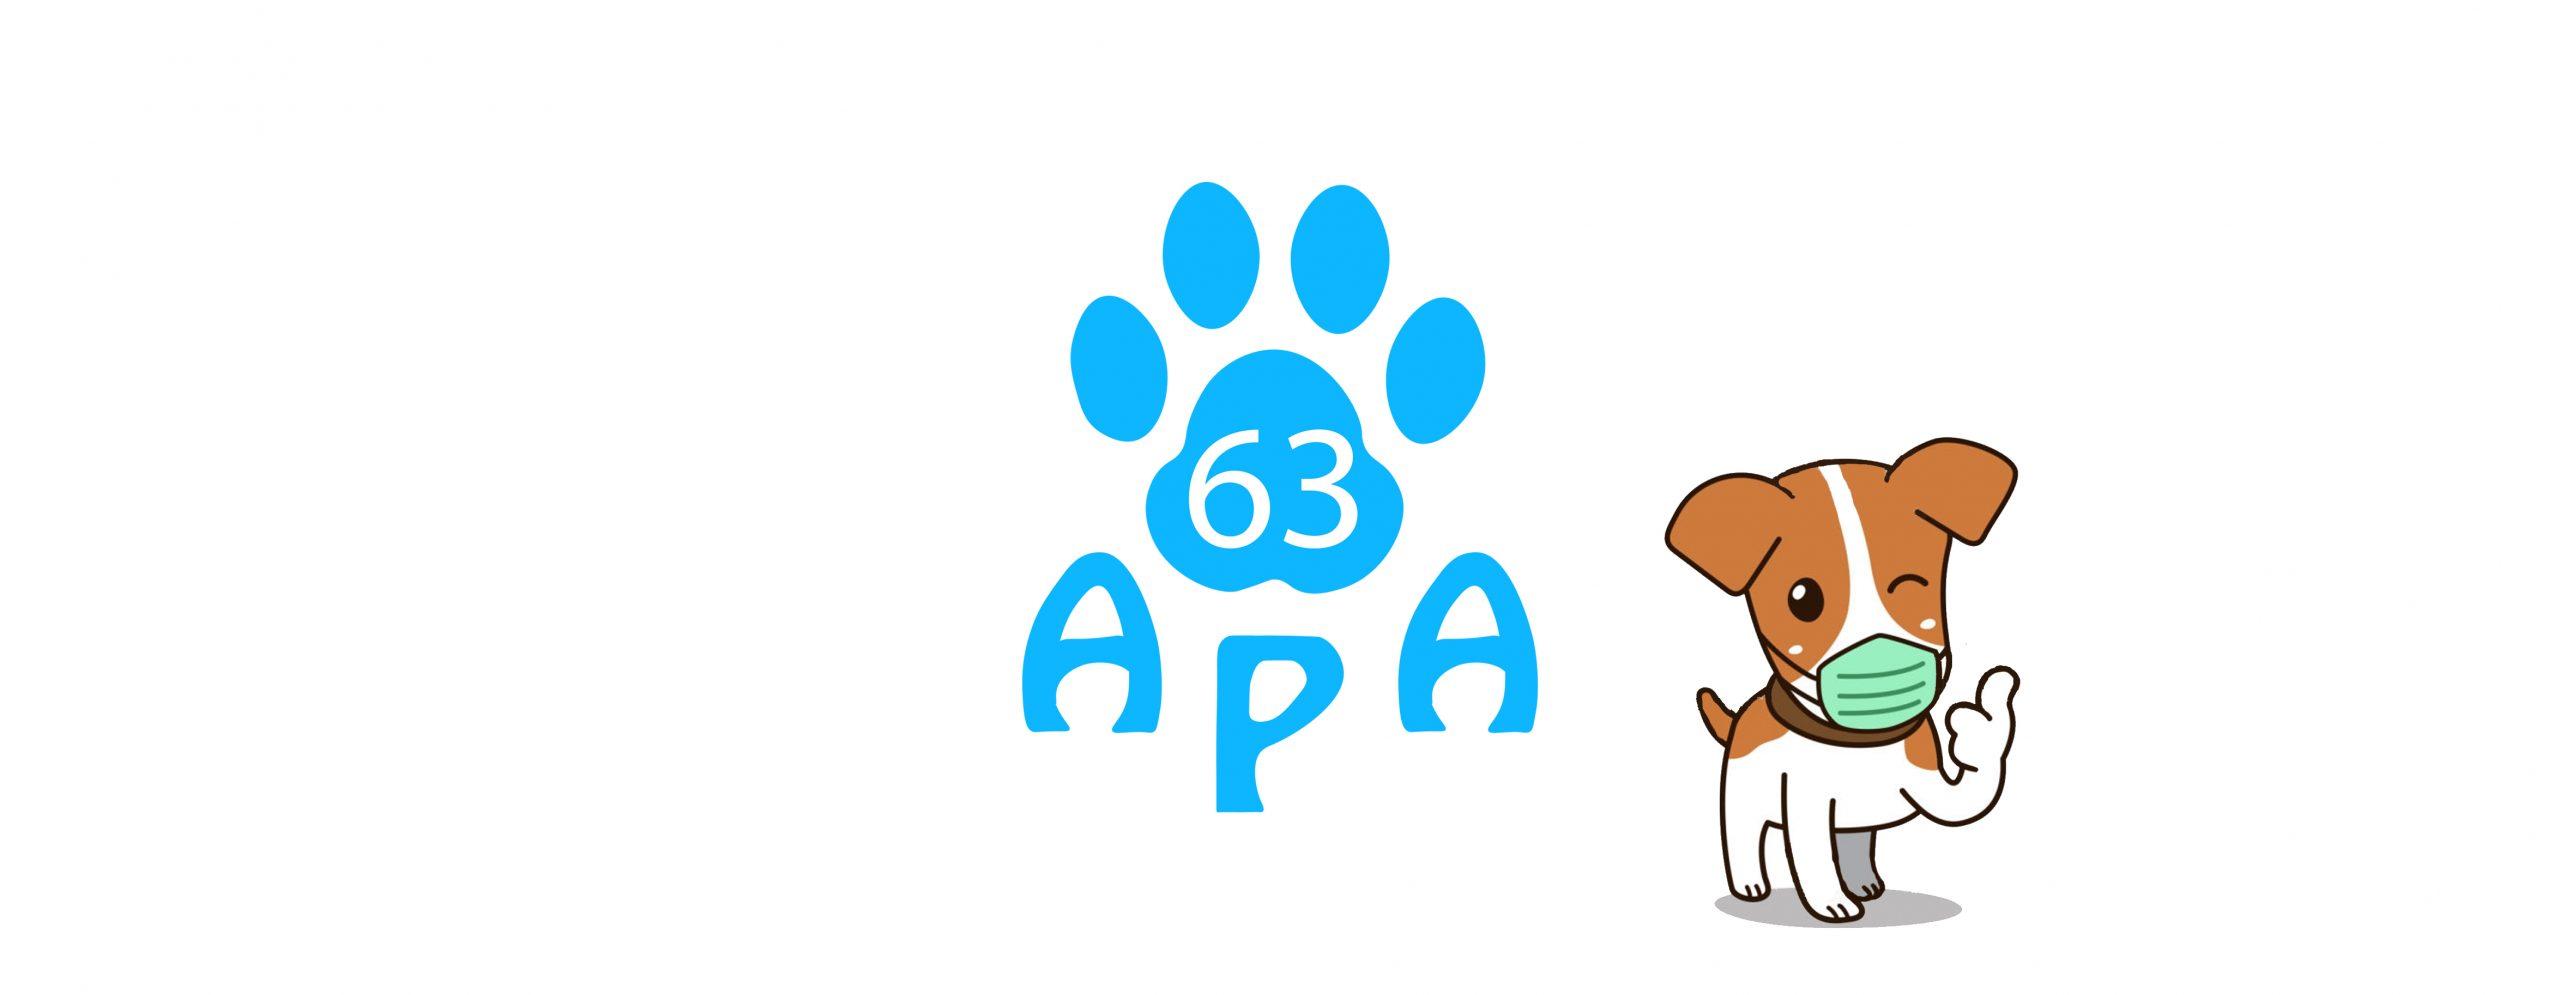 Accueil Association Protectrice Des Animaux 63 Protection Des